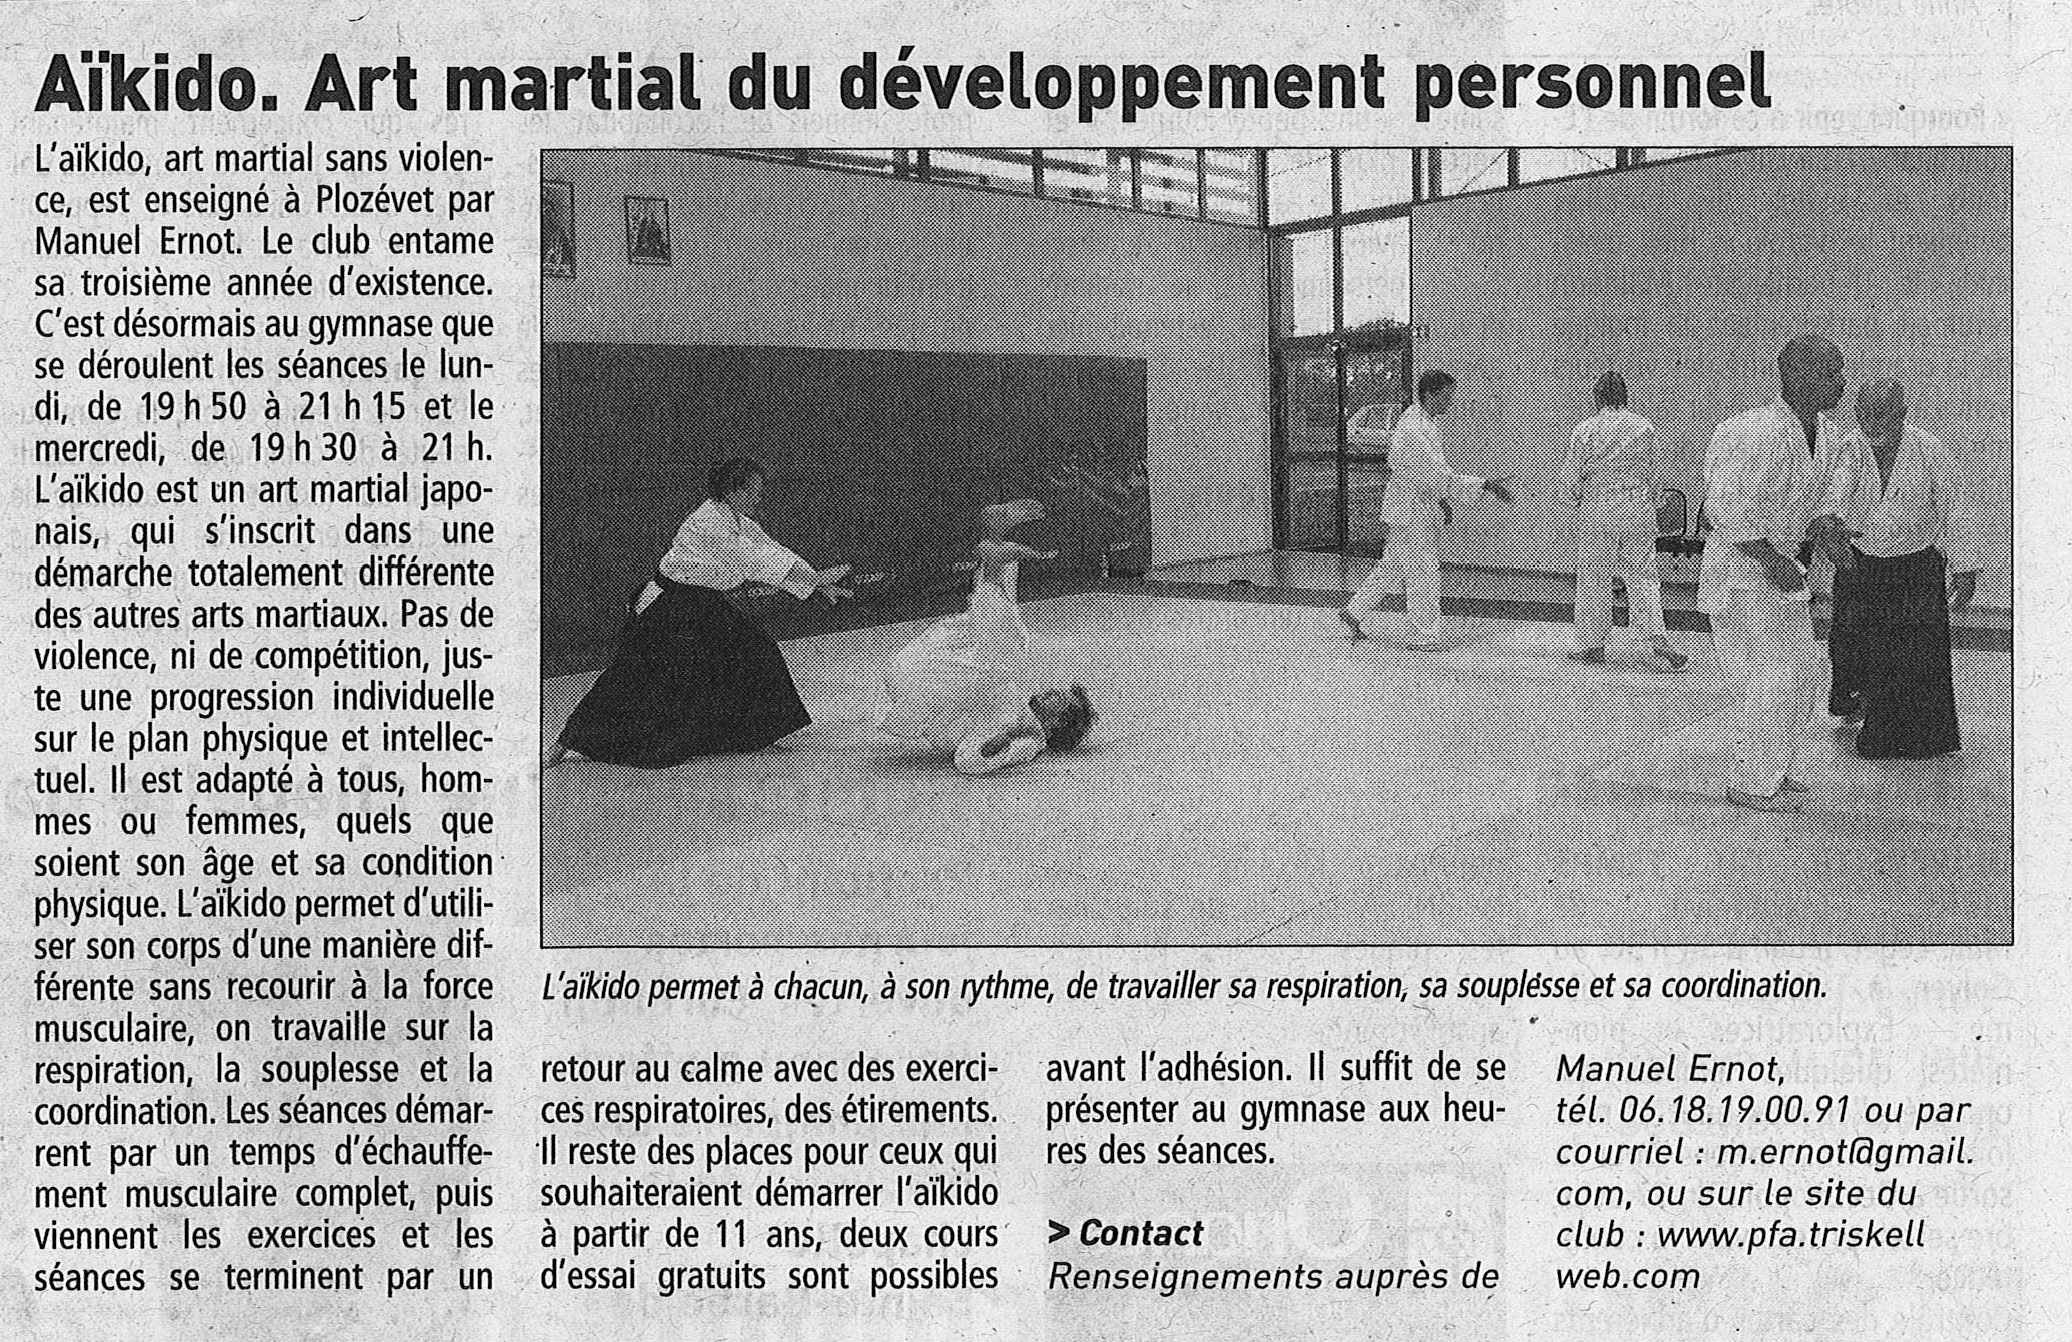 Le t l gramme 30 septembre 2013 a kido art martial du d veloppement personnel ploz vet 29 - Academie du developpement personnel ...